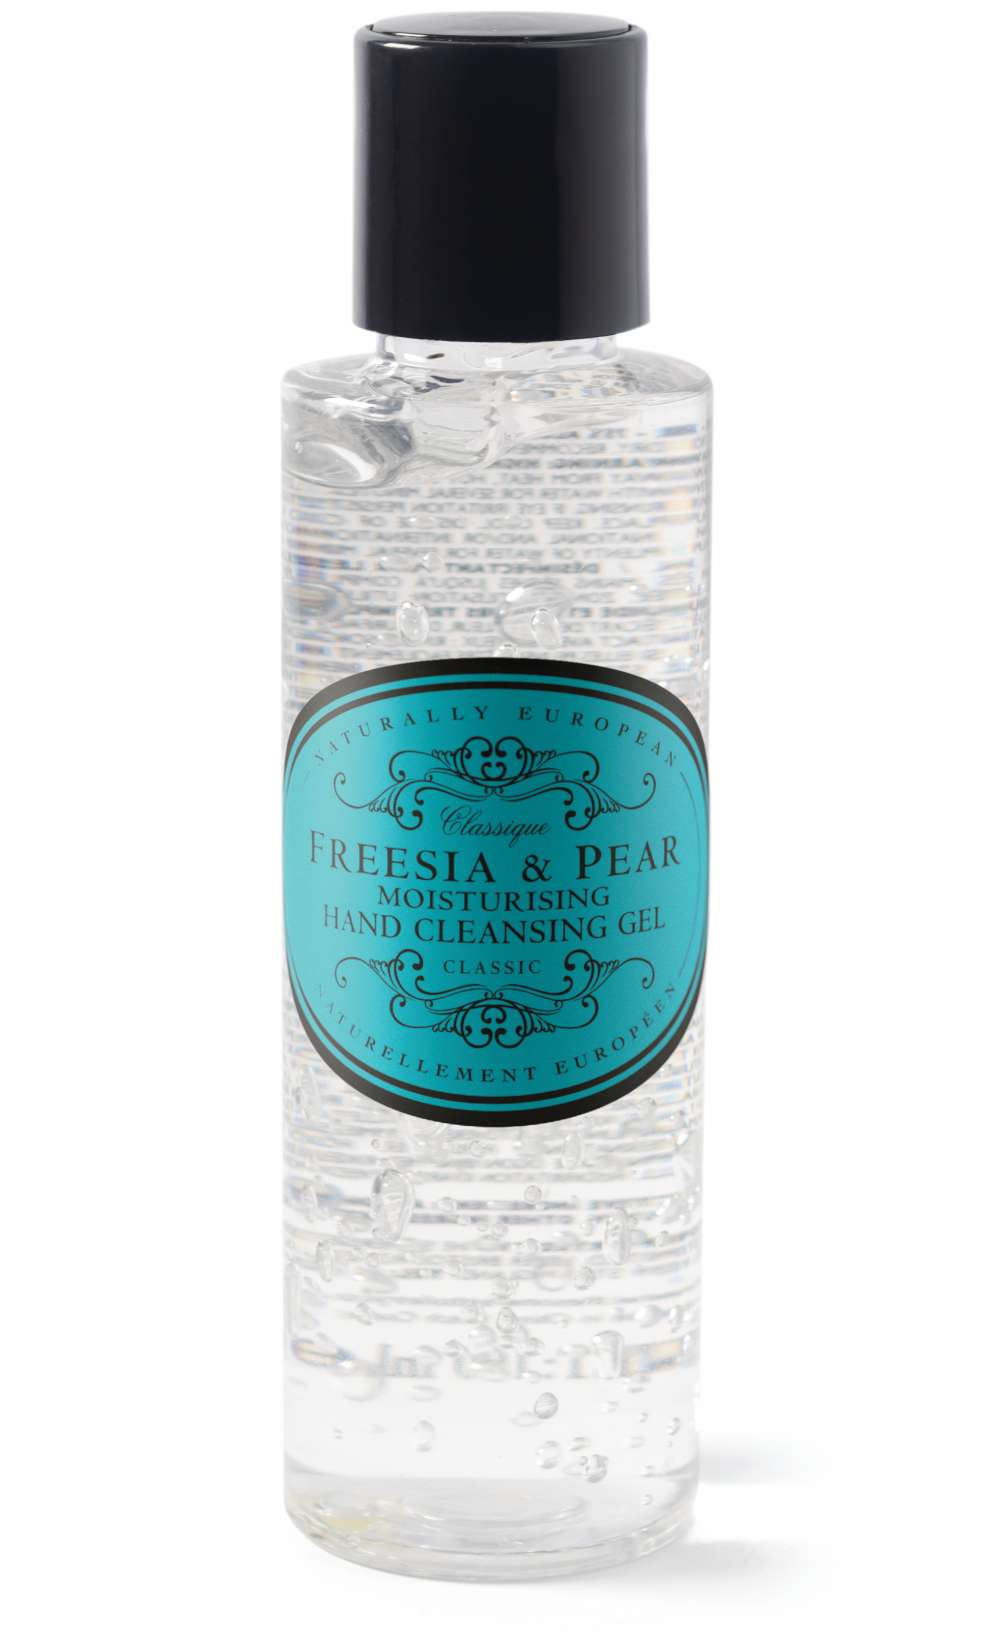 Naturally European Freesia & Pear Moisturising Hand Cleansing Gel